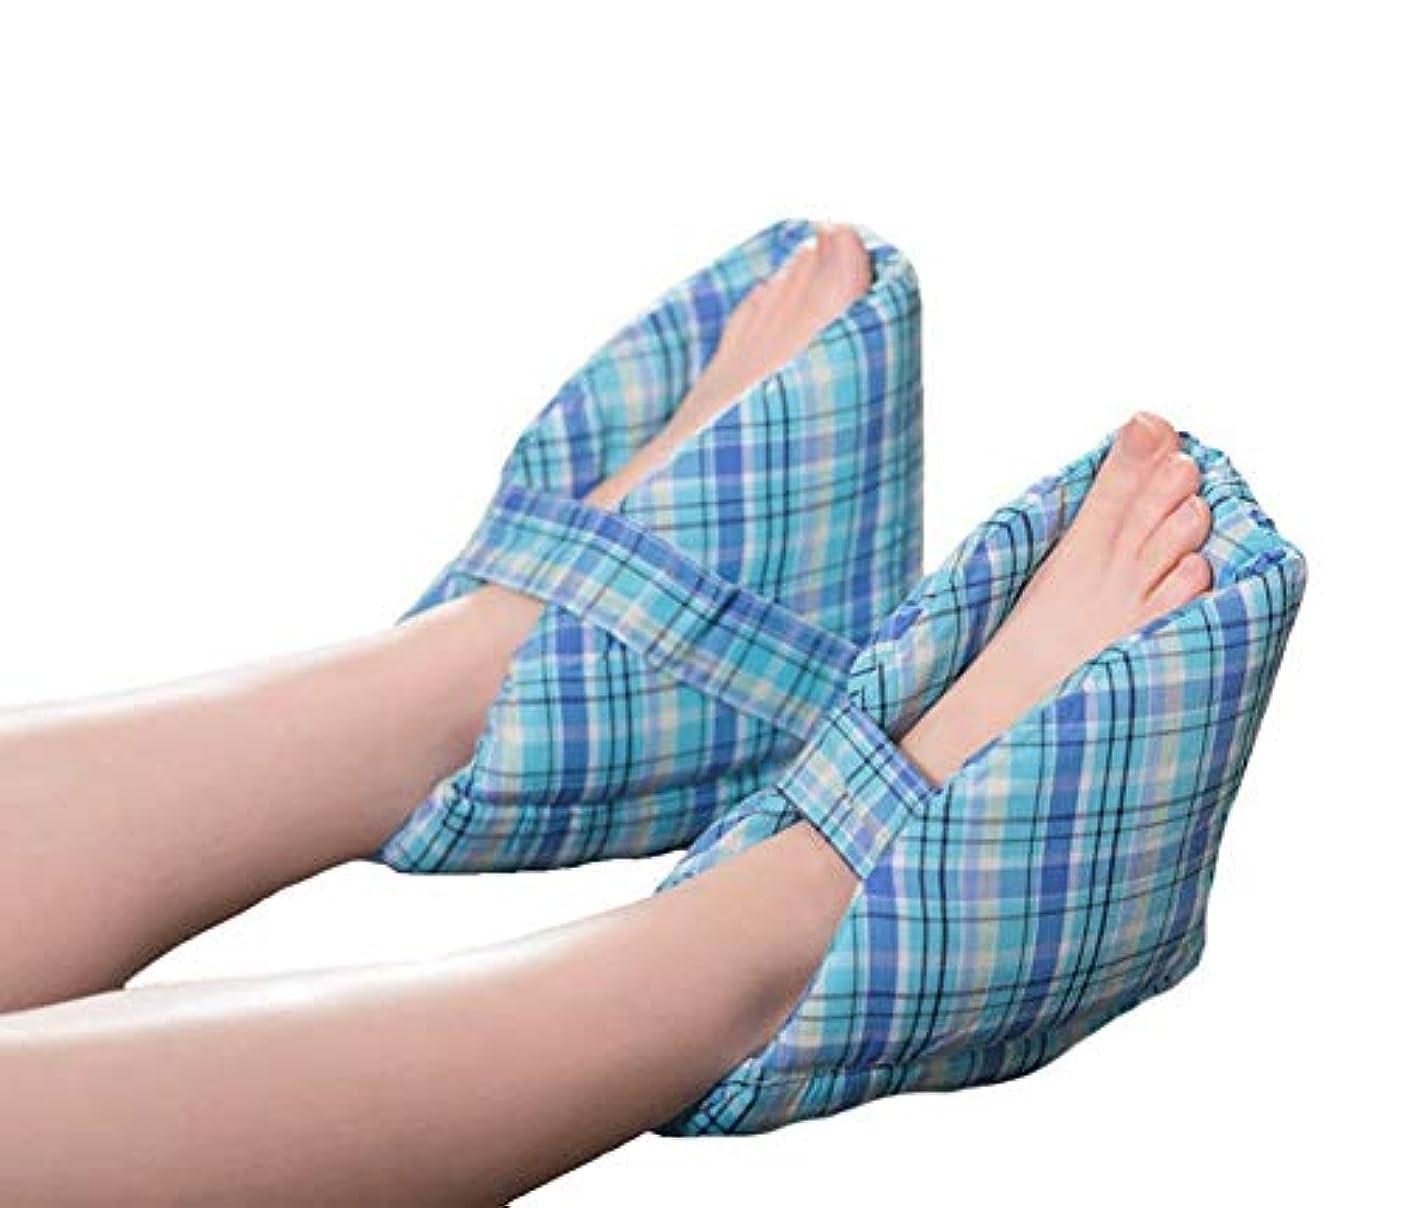 名誉幾分照らすかかとプロテクター枕、足補正カバー、効果的なPressure瘡とかかと潰瘍の救済、腫れた足に最適、快適なかかと保護足枕、1ペア